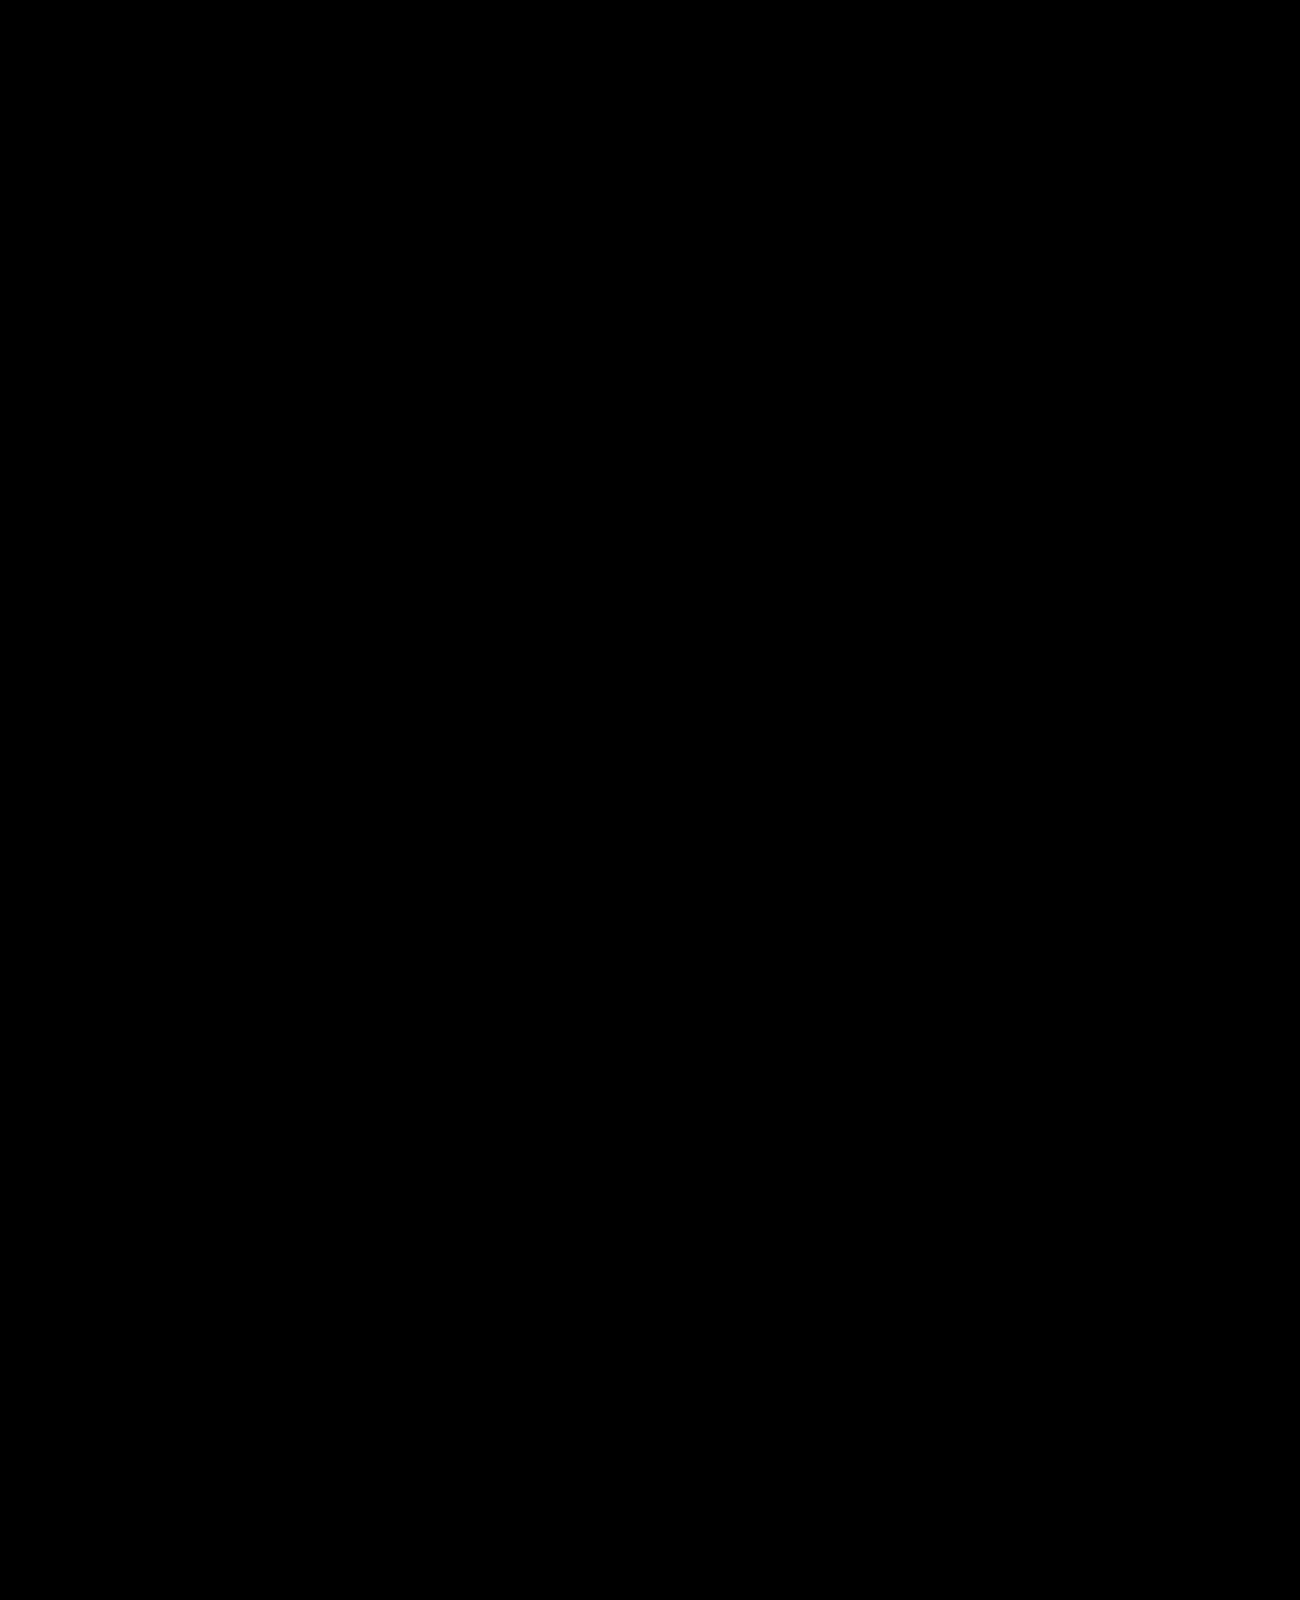 Stern Vorlage Ausschneiden Holidaysinjuly Stern Vorlage Ausschneiden Sterne Zum Ausdrucken Sterne Basteln Vorlage Stern Schablone